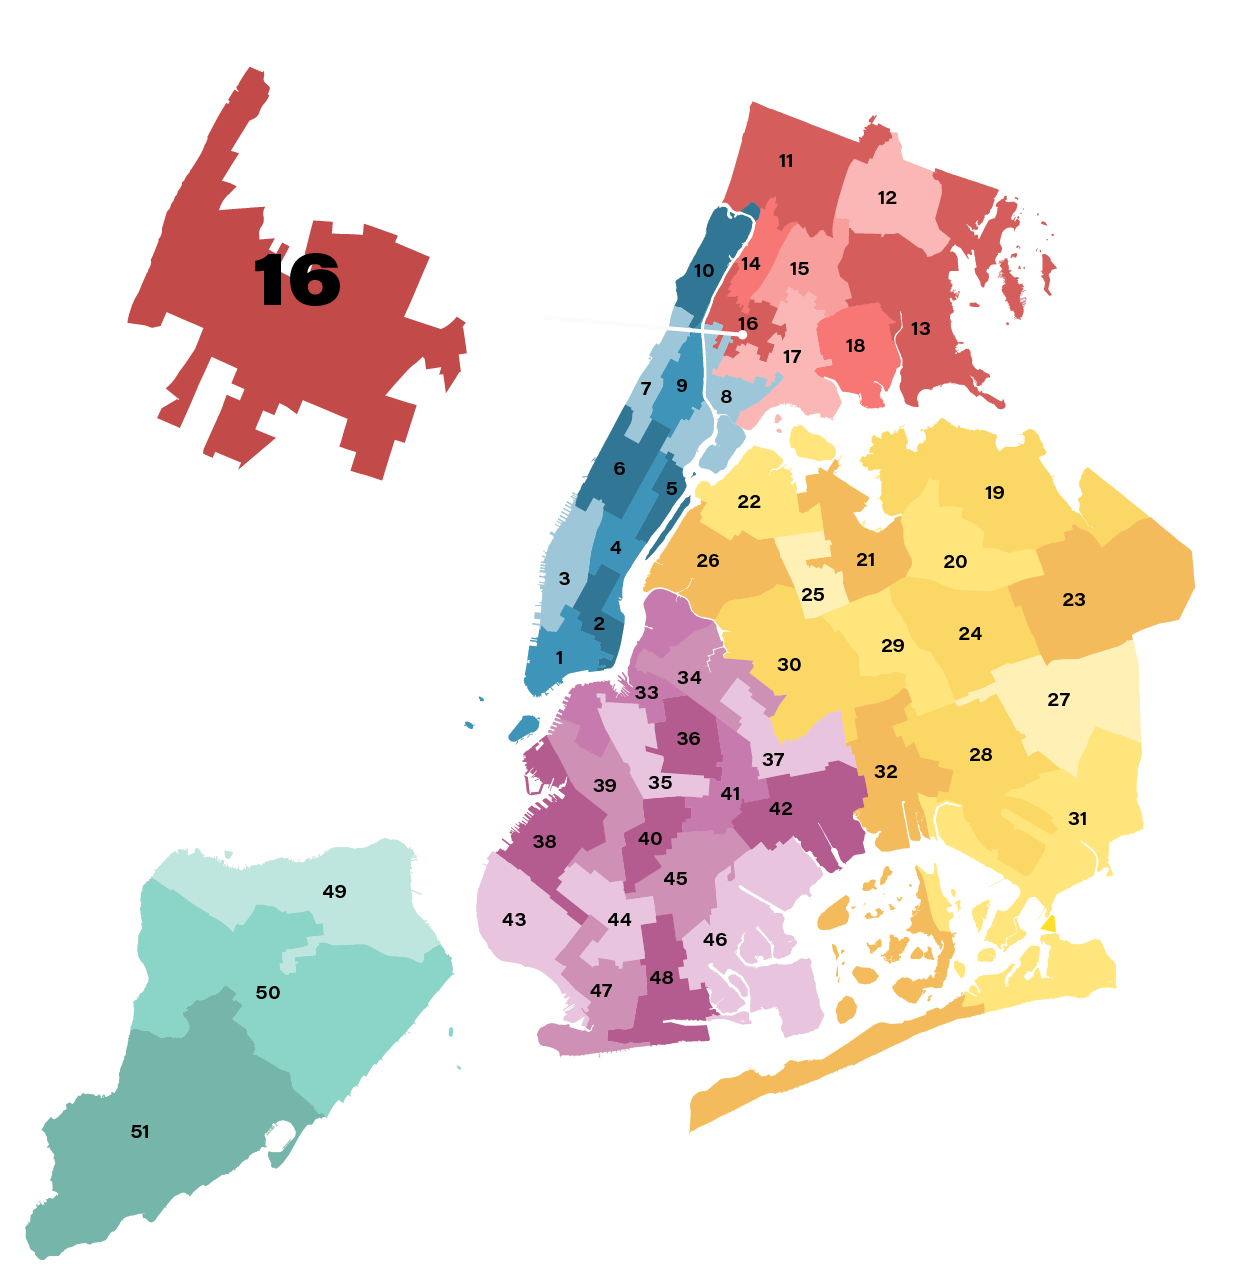 City Council District 16